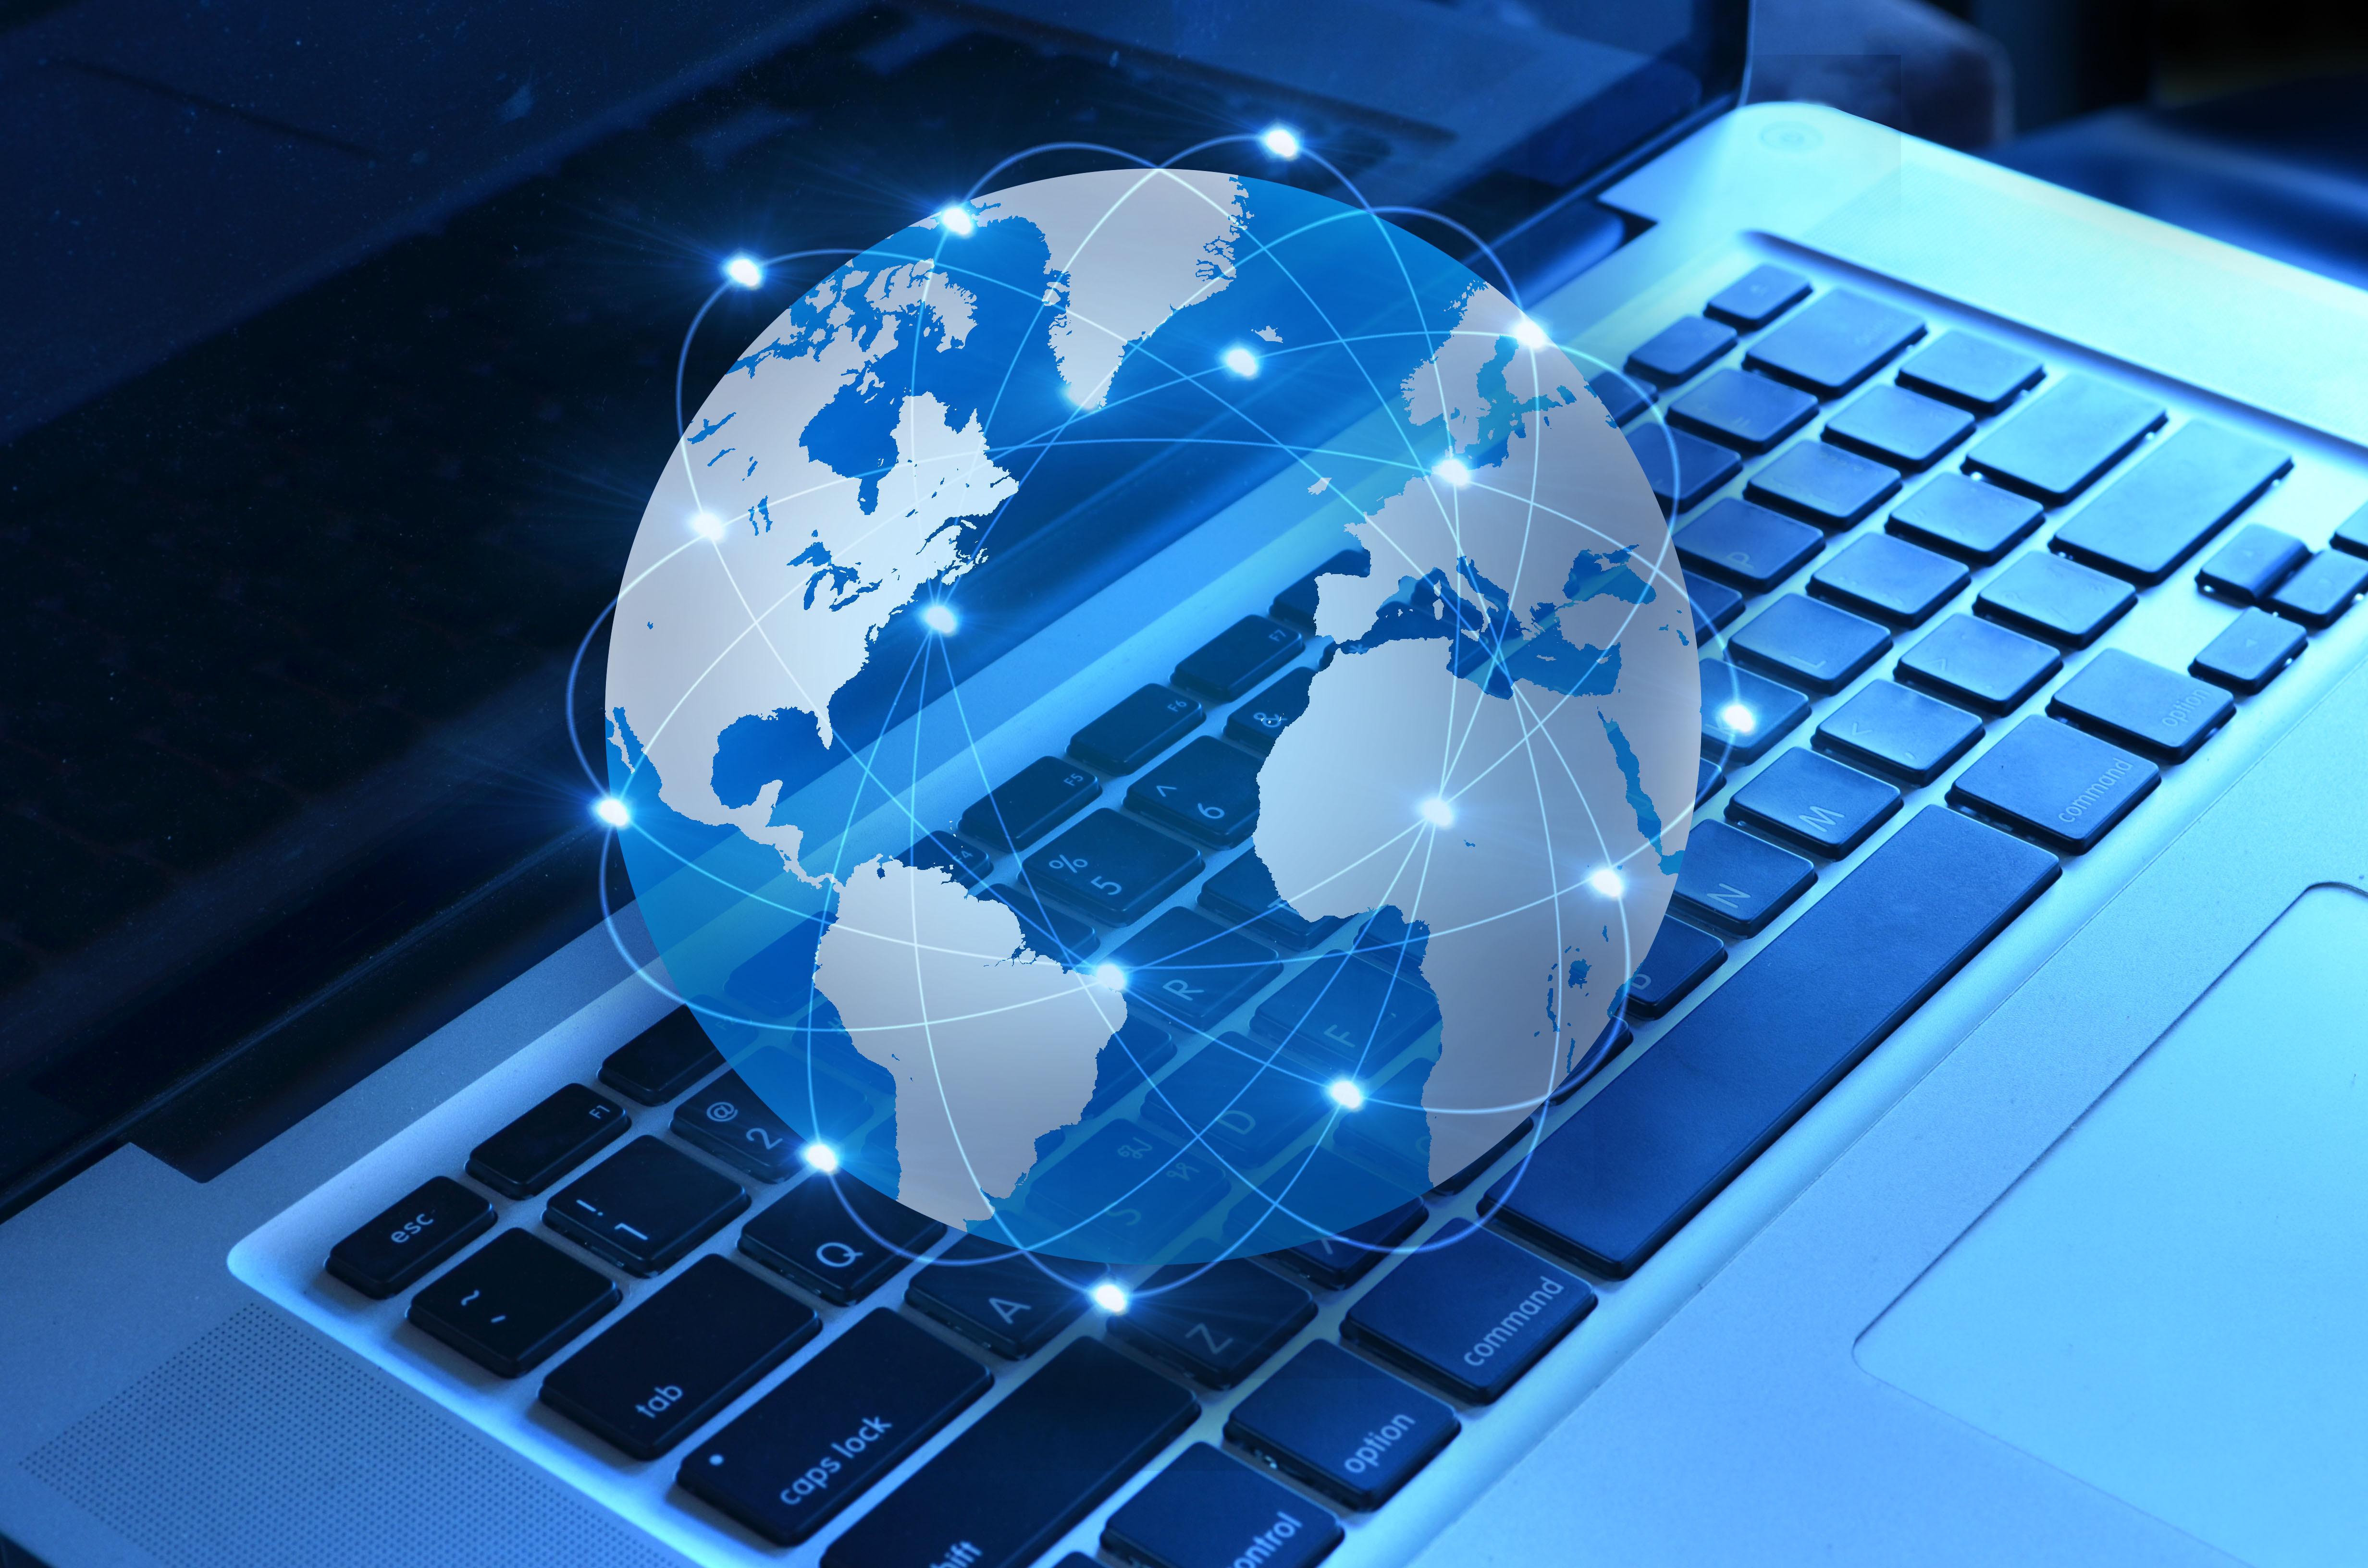 CEMAC : La fracture technologique comme frein au développement